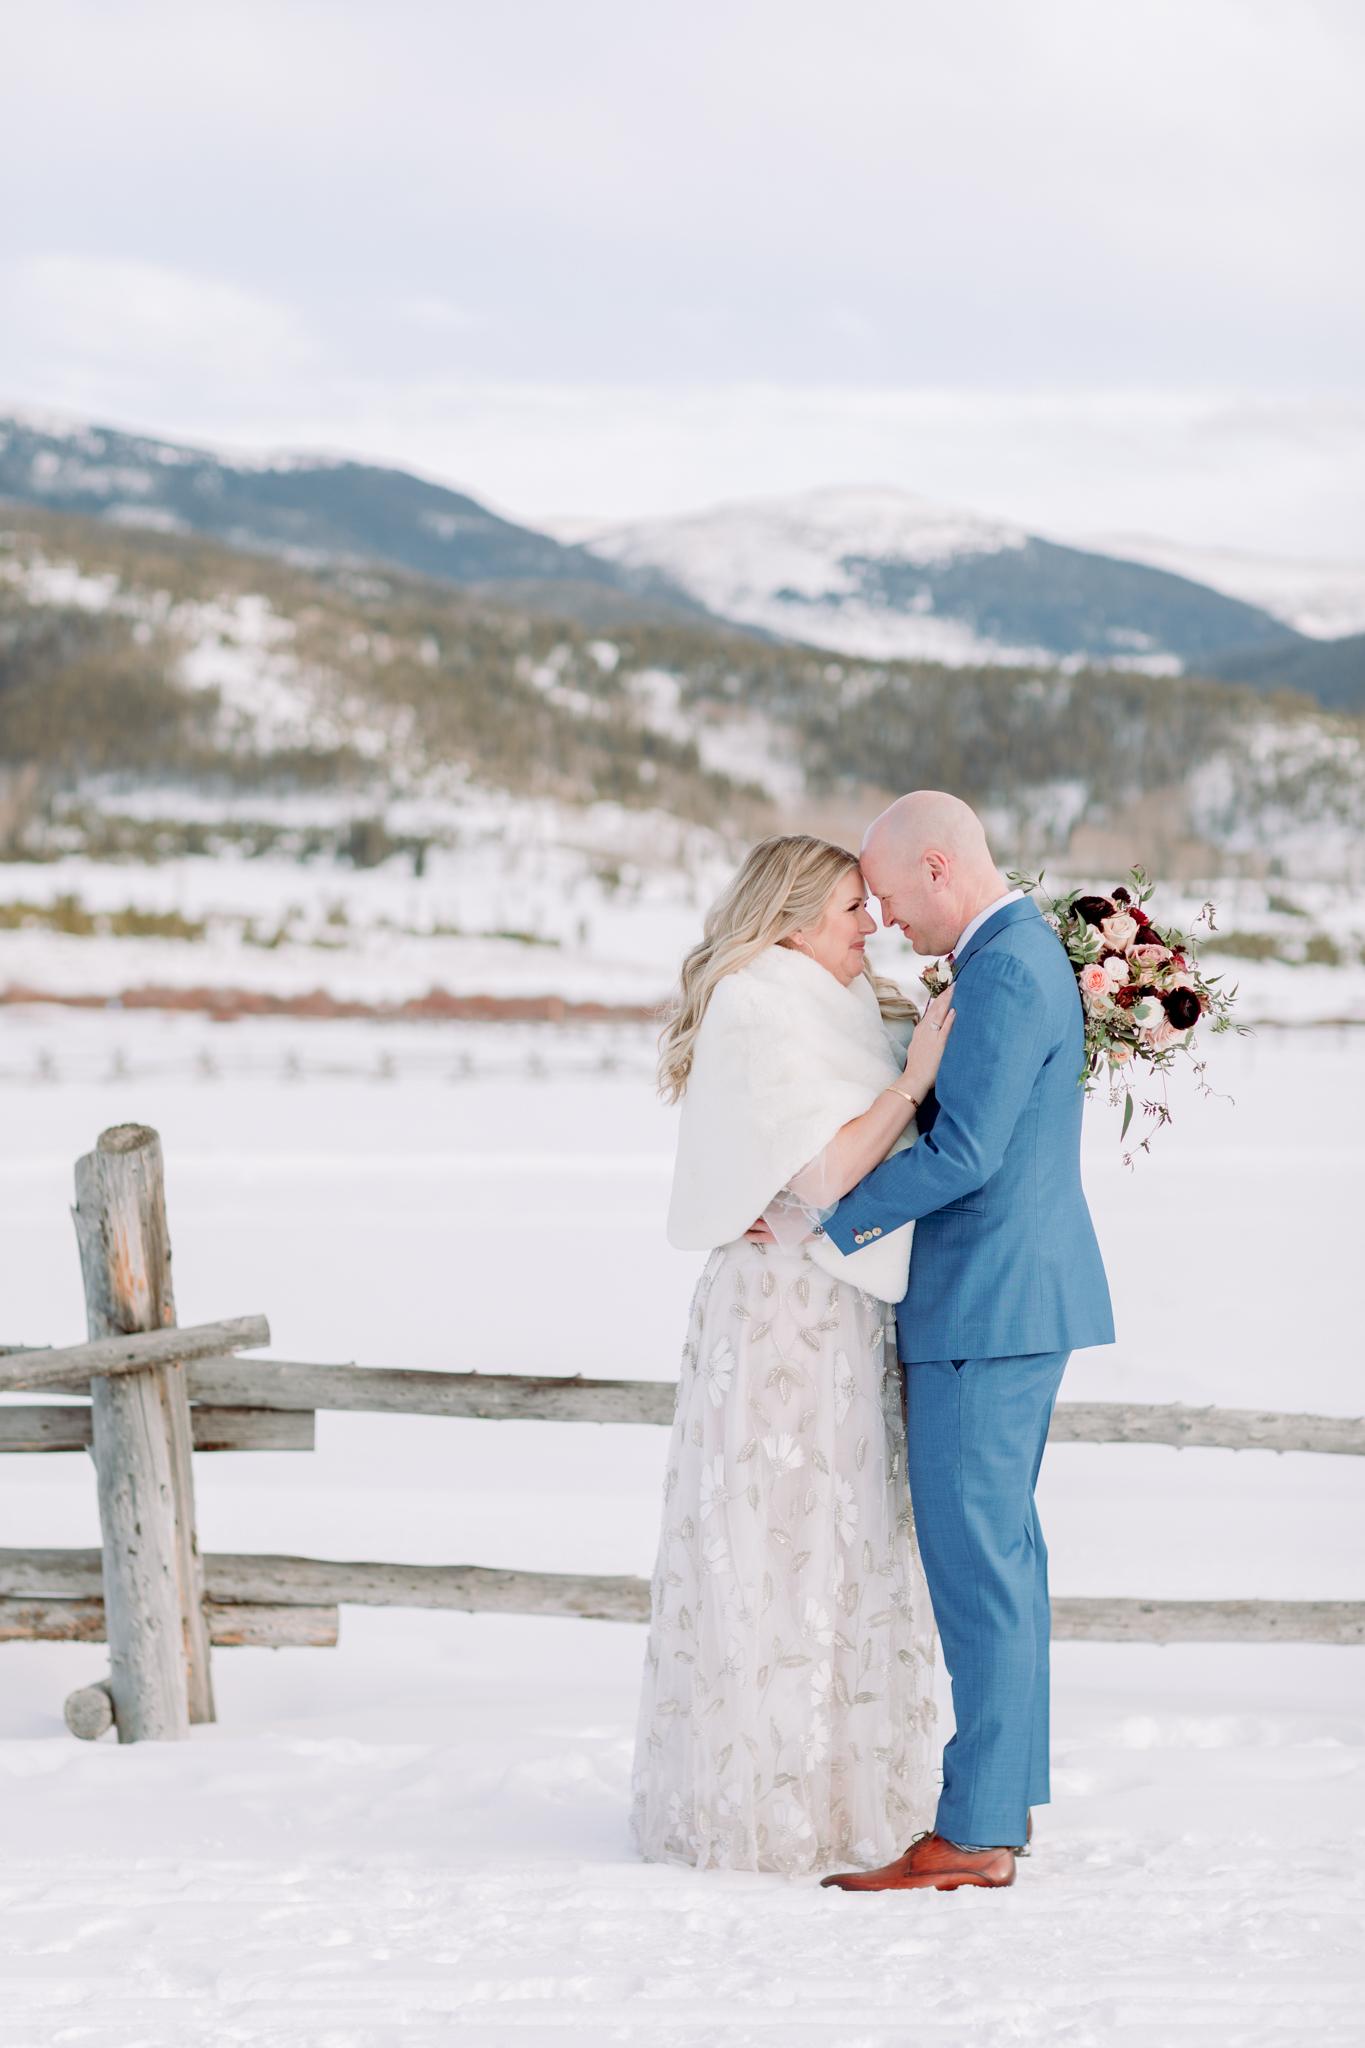 Devils-Thumb-Ranch-Tabernash-Colorado-Winter-Outdoor-Wedding-Bride-and-Groom-Portraits